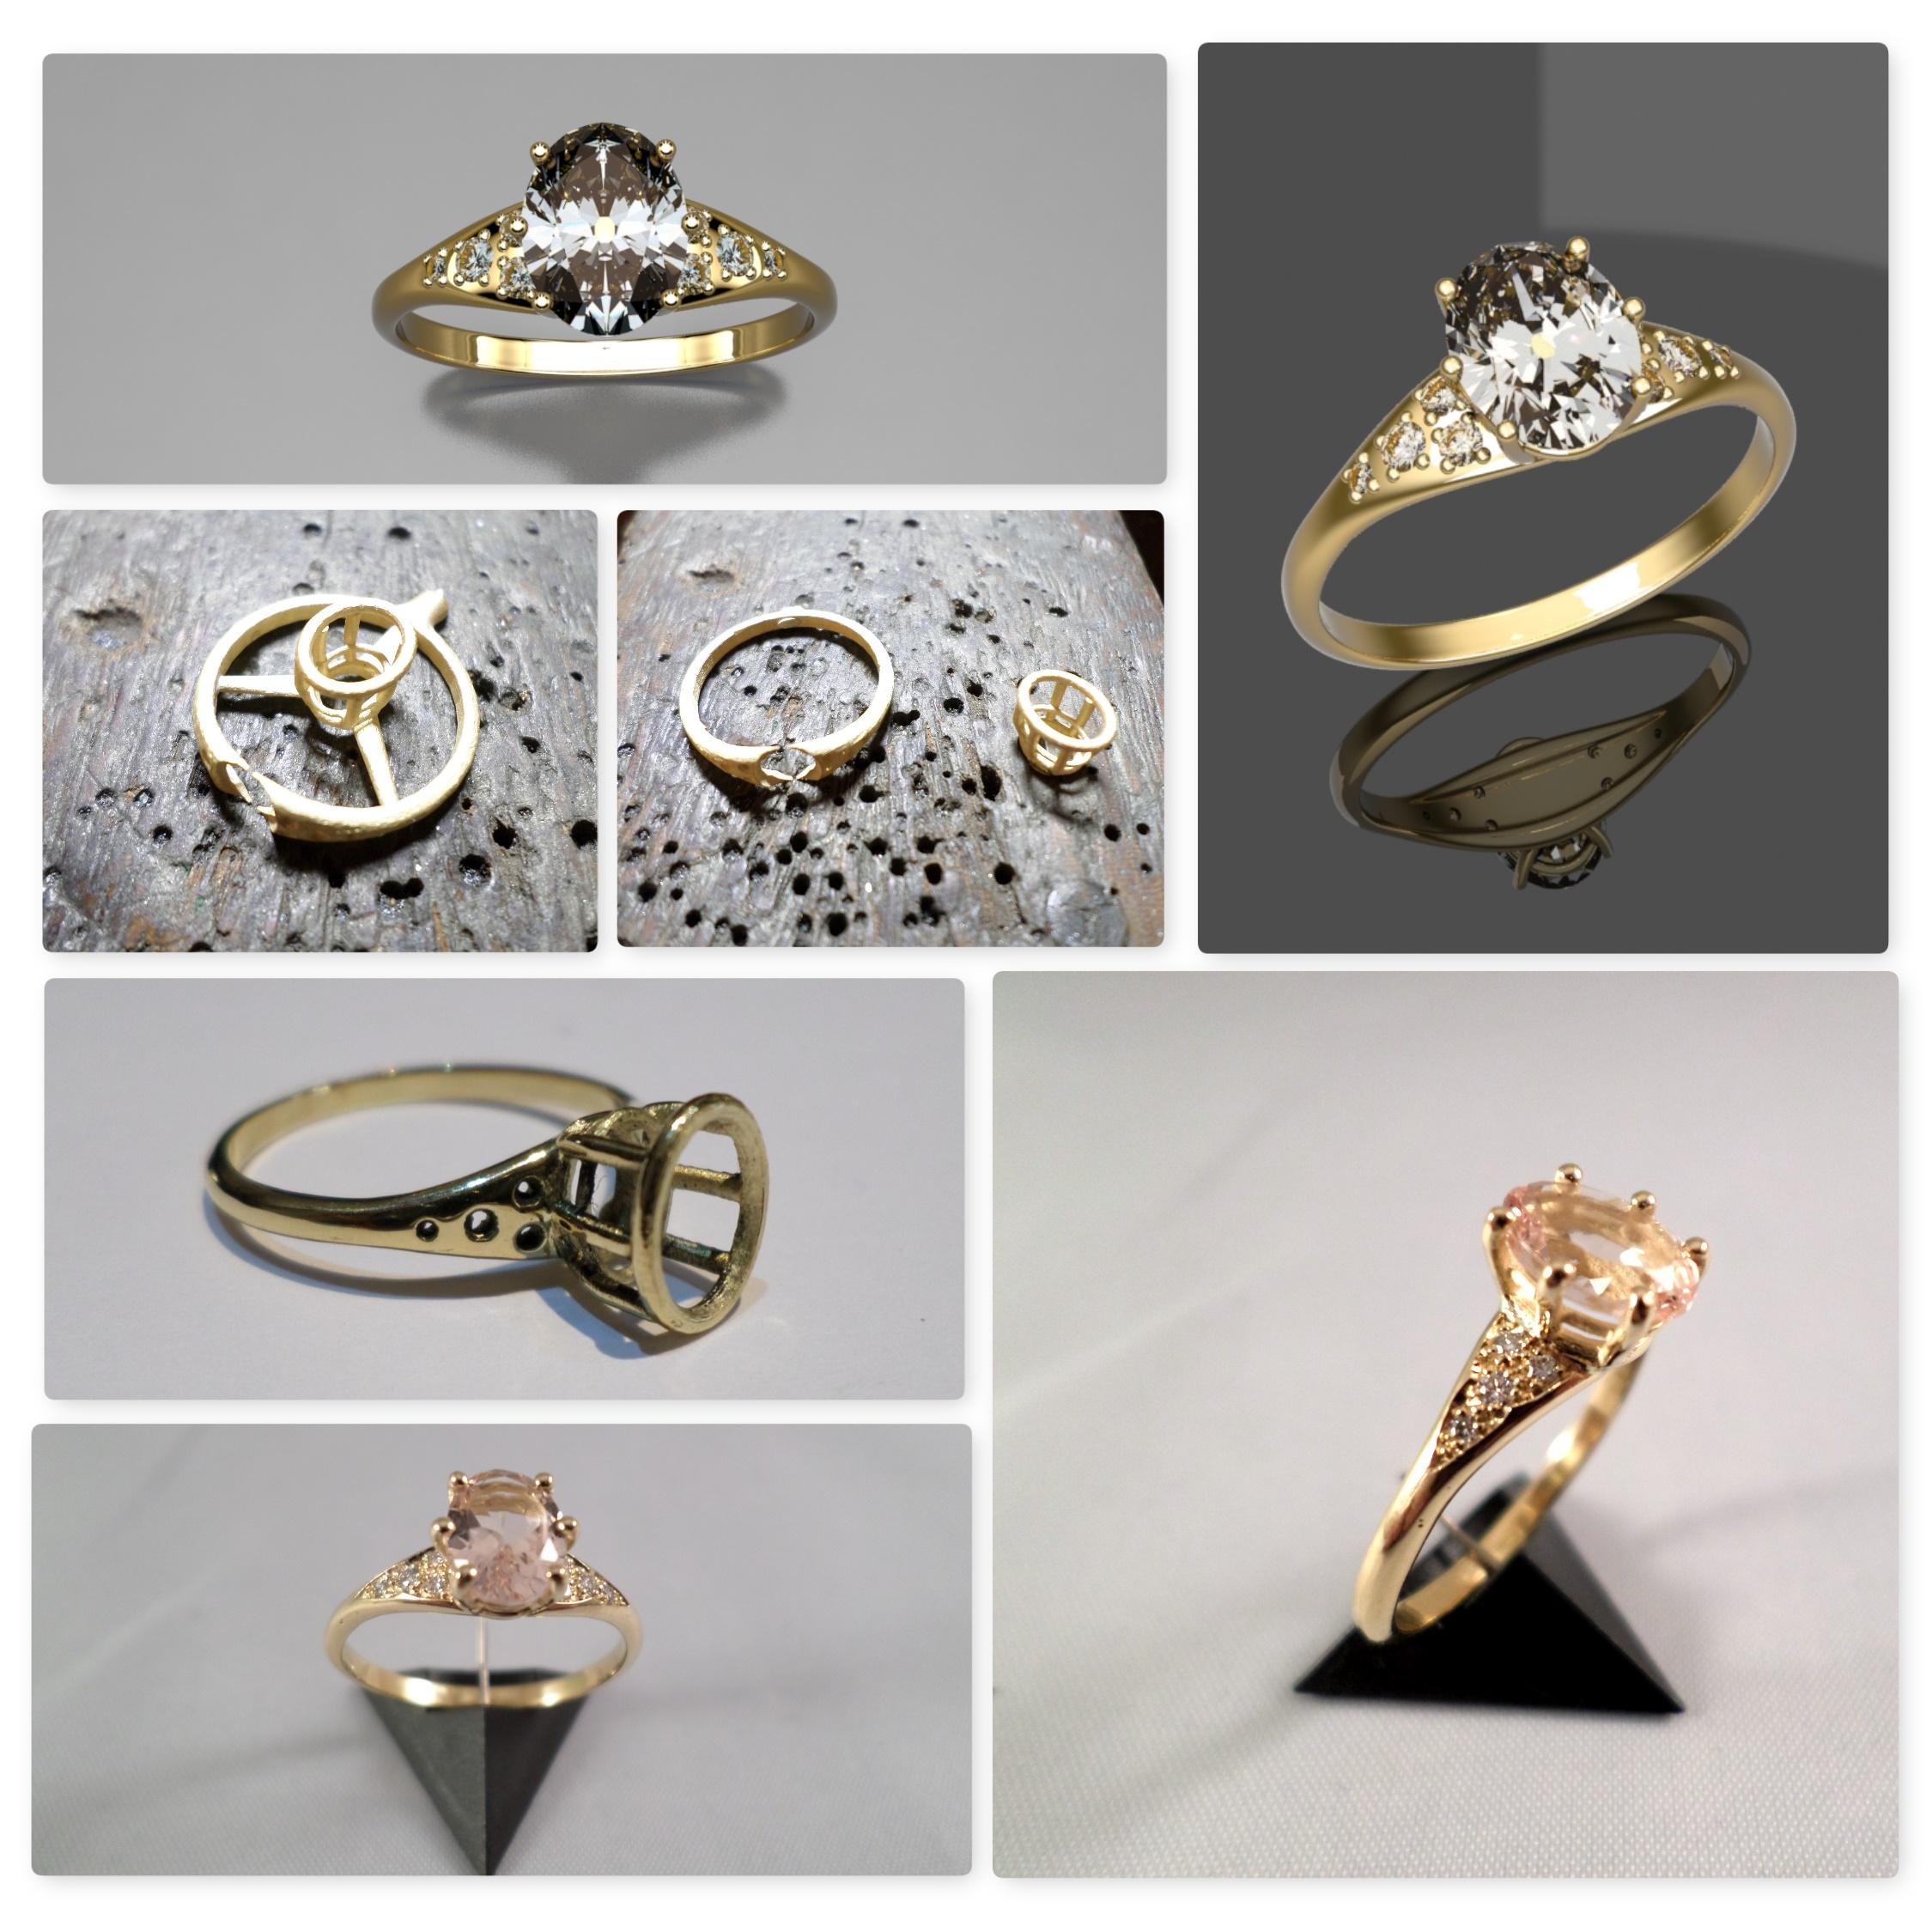 Ringen, ring, Trouwringen, verlovingsring, ring, goud, zilver, parel, geel, wit, platina, diamant, briljant, zirconium, 18 karaat, 14 karaat, 9 karaat, kleurstenen, saffier, groen, blauw, rood, bozarts, place, vendome, duo trouwringen, dora trouwringen, emotions, transformaties, eigen creaties, ontwerpen, goudsmid, edelsmeden, emmilou, innocence, parels, tahiti parels, blauw, rood, saffier, 3D, design, huwelijk, oorbellen Bril, Kinderbril, herenbril, damensbril, zonnebril, glazen, aktie, promo, optiek, opticien, brillenwinkel, brillen, ontspiegeling, oogarts, contactlenzen, produkten, herstellingen, reparatie, werken, hoya, rodenstock, zeiss, opteik, zenka, frederique beausoleil, fb, marccain, superdry, koali, oga, ray ban, lightec, titanflex, eschenbach, verrekijkers, loupen, serengetti, zonnebrillen, lenzen, acuvue, air optix, focus dailies, bausch en lomb, liebeskind, guy laroche, ines de la fresagne, Uurwerken, Horloge, uurwerk, kinderuurwerk, klok, kwaliteit, zwitsers, festina, rodania, pontiac, philip watch, certina, alfex, sector, batterij, automatique, automaat, quartz, lederen band, metalen band, milanese band, zakuurwerk, polshorloge, pillen, festina, certina, pontiac, rodania, philip watch, sector, alfex, ikon, ice watch, maserati, naiomy, naiomy pricess, naiomy moments, naiomy gold, roca, cara, ketting, schapulier, horoscoop, zrc, lotus, lotus juwelen, damens, heren, kinderen, Schilde, reyntjens, kopen, tweedehands, zien, zoek, koop, passen, schoolstraat, wijnegem, deurne, wommelgem, oelegem, winkel, winkels, serengetti bril kopen in schilde, passen, service, schilde, middenstand schilde, winkelcentrum schilde, shoppen schilde, opendeurdag schilde, kerstshopping schilde, braderij schilde, bril kopen schilde, uurwerk kopen in schilde, winkelen in schilde, service, herstellingen, optiek in schilde, centrum schilde, openingsuren, glas, bril, opticien, opticien schilde, omgeving schilde, zoek in schilde, zoek optiekzaak schilde, valentijn, kerstmis, verjaard